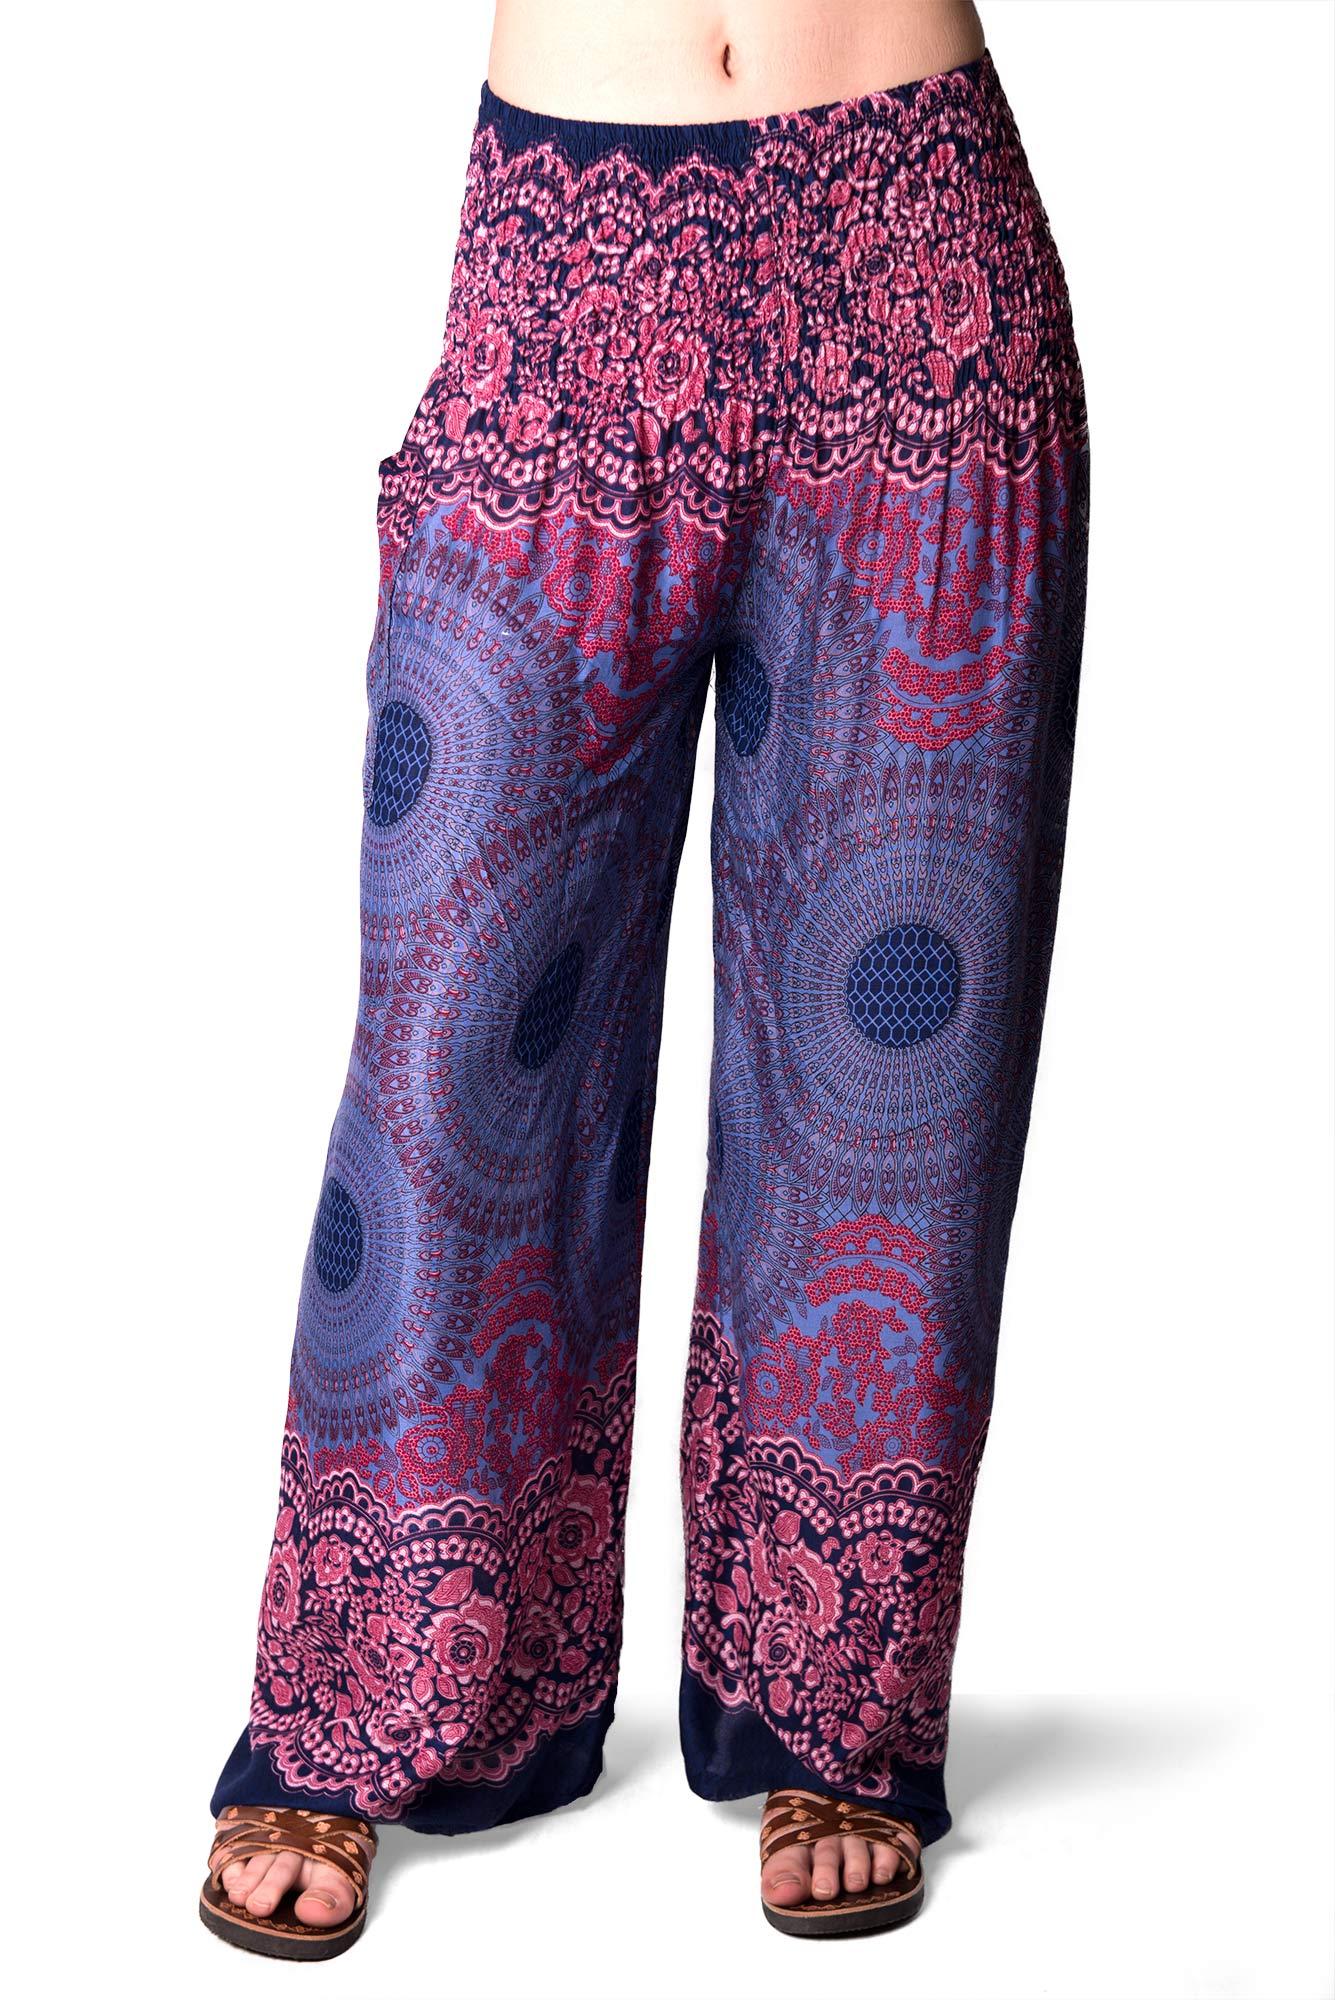 Honeycomb Print, Wide Leg Pants , Blue